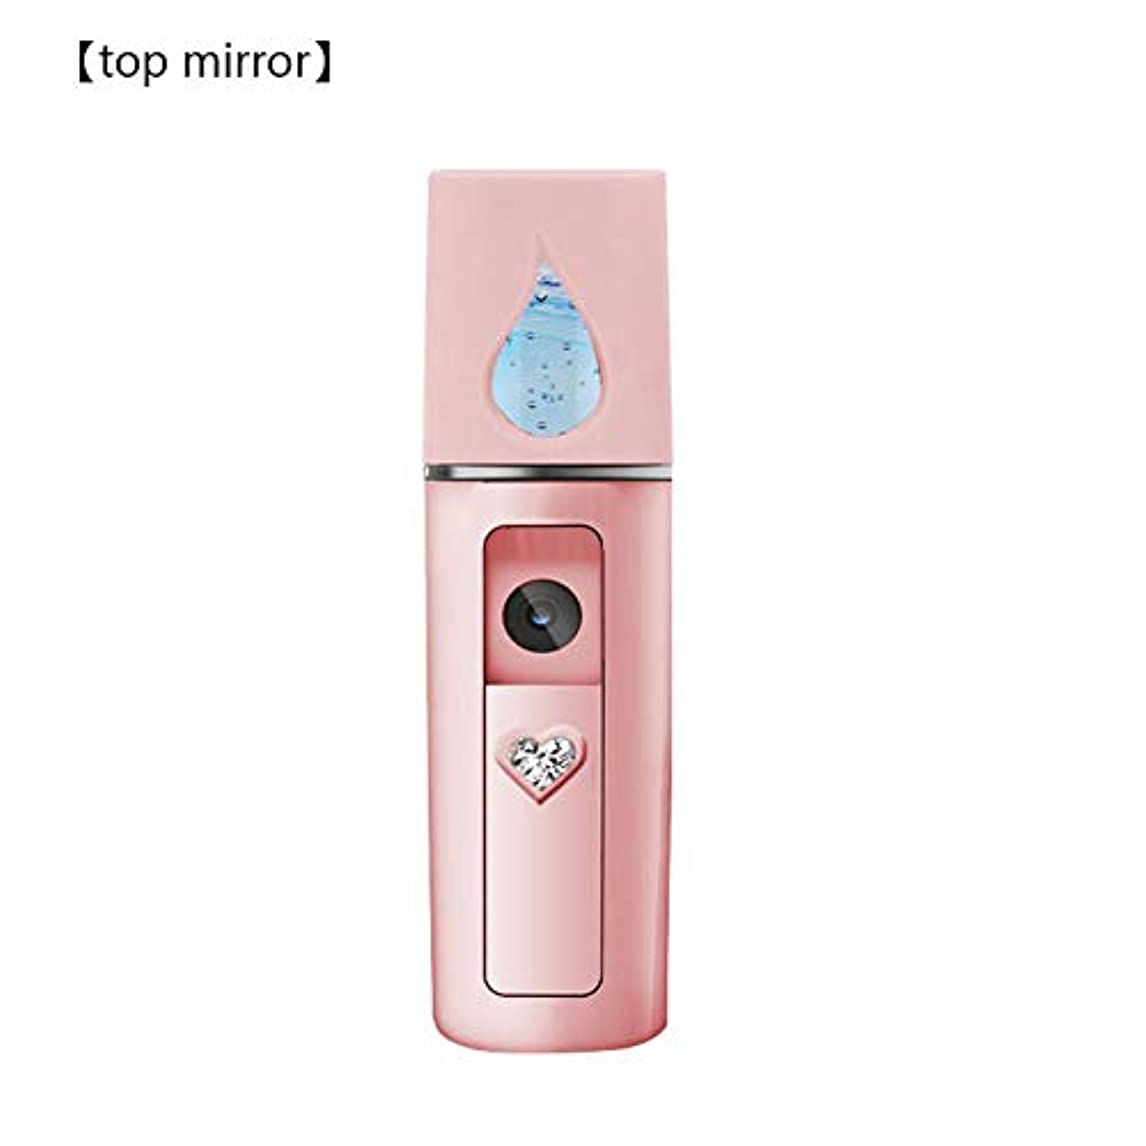 腸城フィクション冷たい保湿スプレー、美しいフェイシャルスプレーメイクアップミラー。 USB充電インターフェイスは、まつげエクステンション用の高度な保湿フェイシャルスチームです (Color : Pink-B)